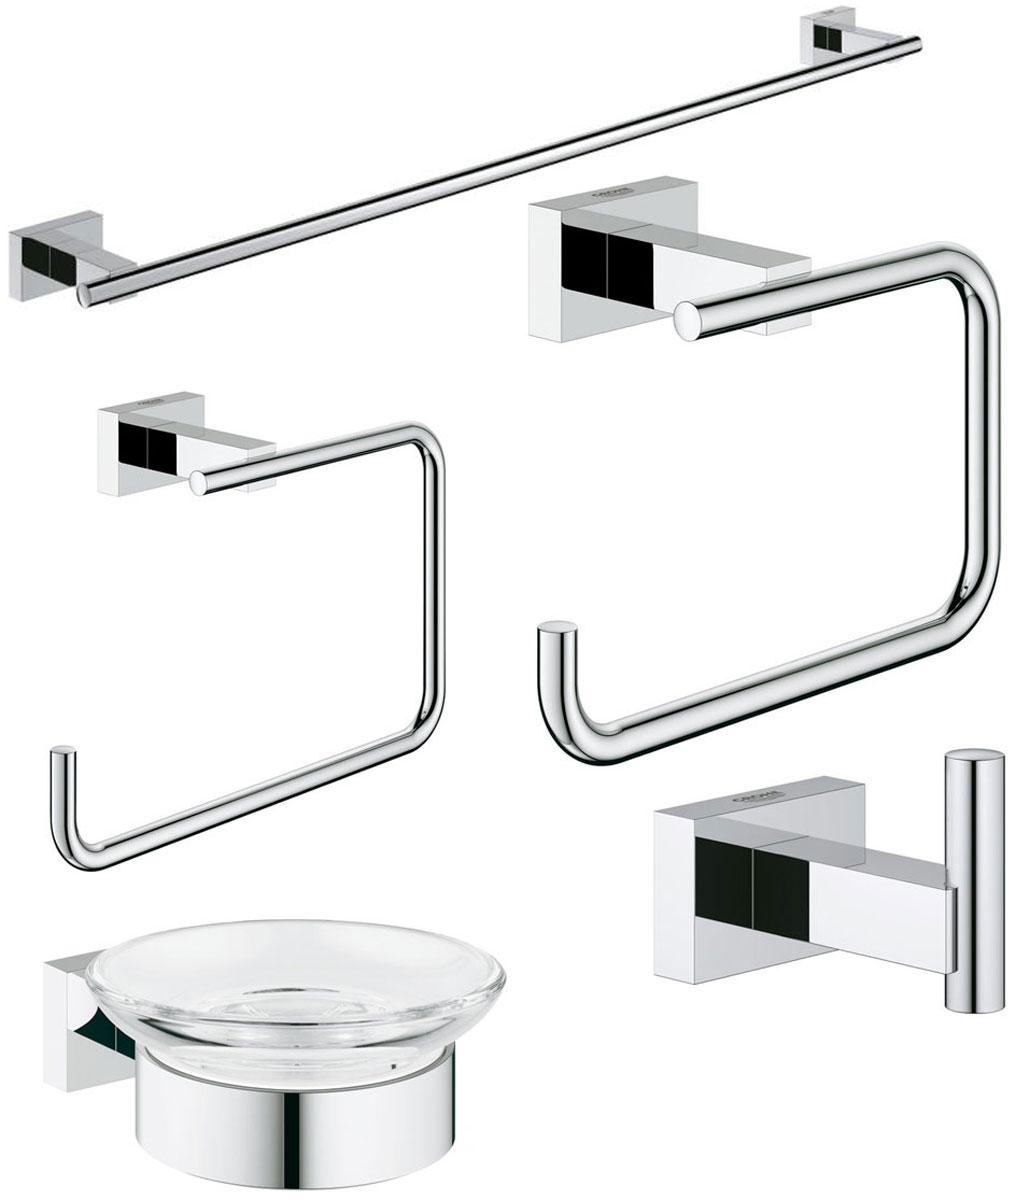 Набор аксессуаров для ванной комнаты Grohe Essentials Cube, 5 предметов40758001Набор аксессуаров для ванной комнаты Grohe Essentials Cube включает мыльницу с держателем, держатель для банного полотенца, держатель туалетной бумаги, крючок для банного халата и кольцо для полотенца. Набор очень практичен и функционален. Изделия выполнены из металла с хромированным покрытием. Благодаря специальной технологии Grohe StarLight покрытие обеспечивает сияющий блеск на протяжении всего срока службы. Кроме того, оно отталкивает грязь, не тускнеет и обладает высокой степенью износостойкости. Аксессуары крепятся к стене (крепежные элементы поставляются в комплекте). Крепление скрытое. Благодаря неизменно актуальному дизайну и долговечному хромированному покрытию, такой набор отлично дополнит интерьер ванной комнаты, воплощая собой изысканный стиль и превосходное качество. Размер кольца для полотенец: 19 х 11,5 х 6 см. Размер крючка: 6 х 4 х 4 см. Размер держателя туалетной бумаги: 14 х 9 х 6 см. Диаметр мыльницы: 11 см. Размер мыльницы...